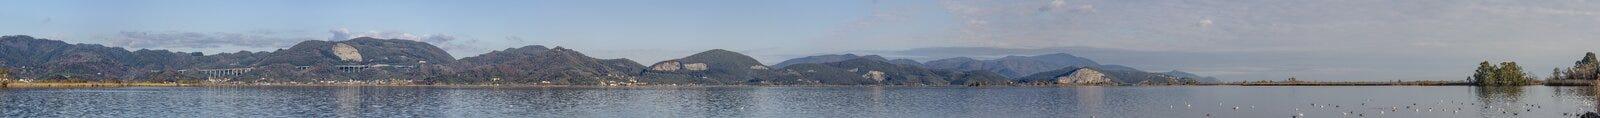 Vista panoramica del lago Massaciuccoli da Torre del Lago Puccini, Lucca, Toscana, Italia Immagini Stock